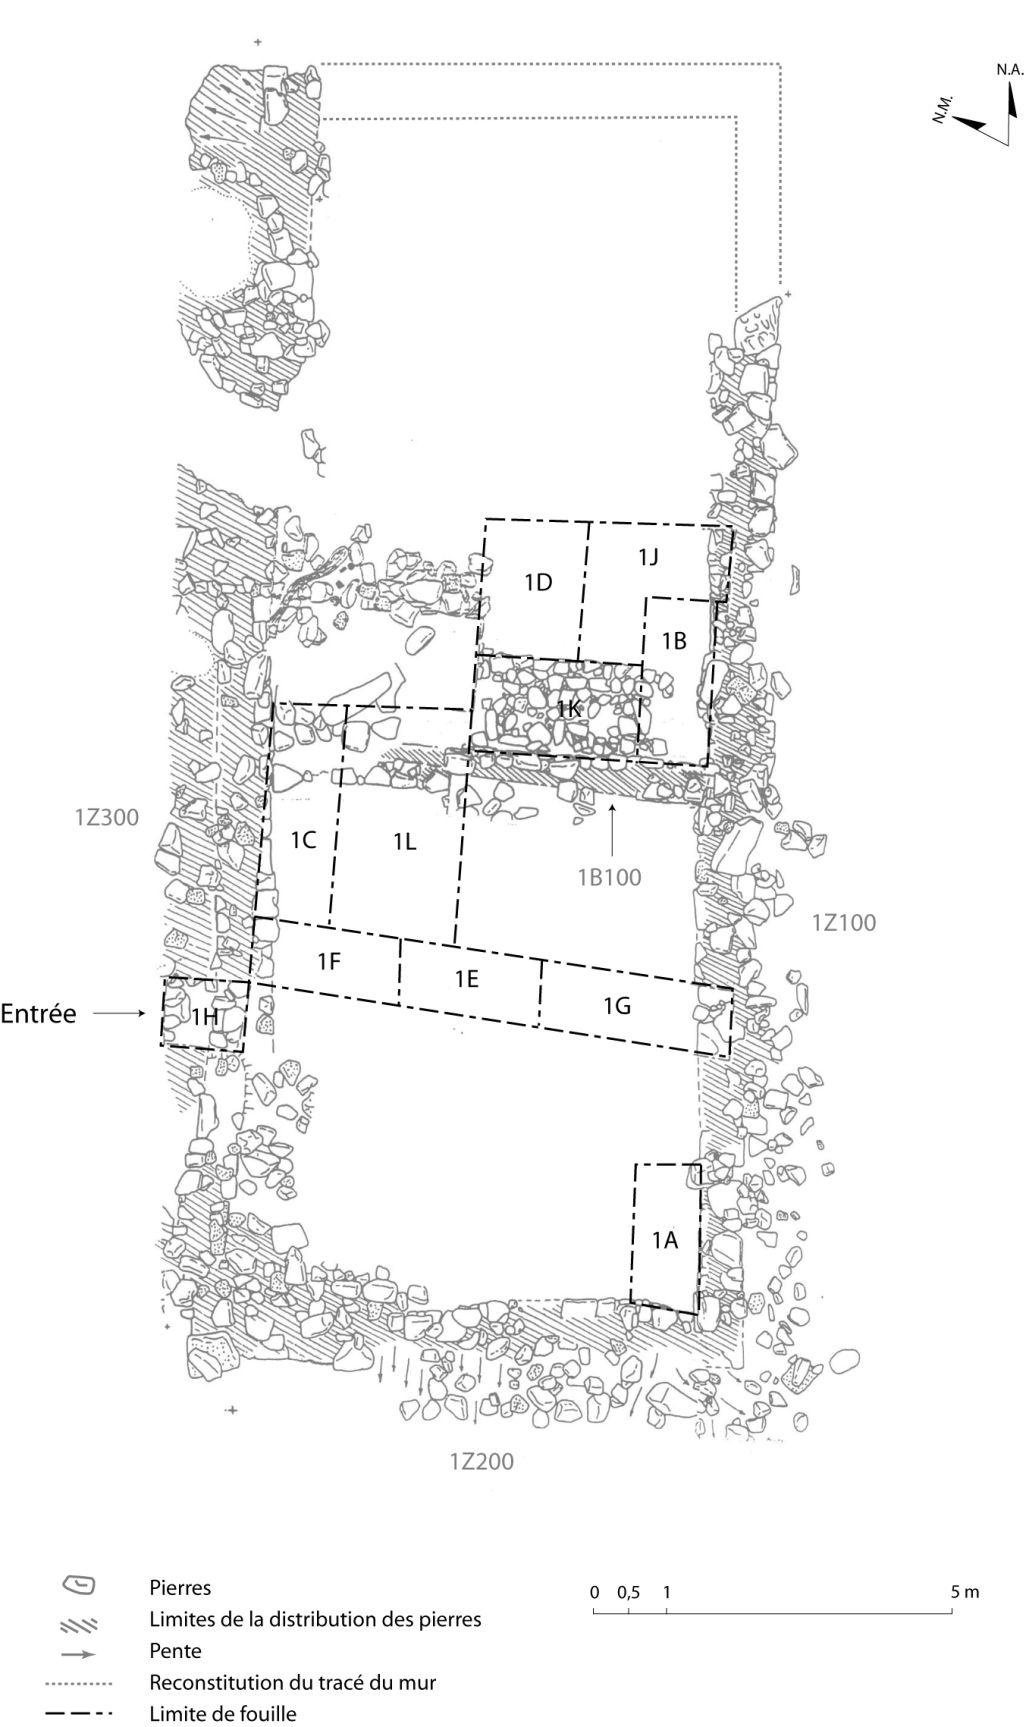 Plan des vestiges de la forge. Alain Chouinard, Archéologie et archéométallurgie de la forge, 2001.